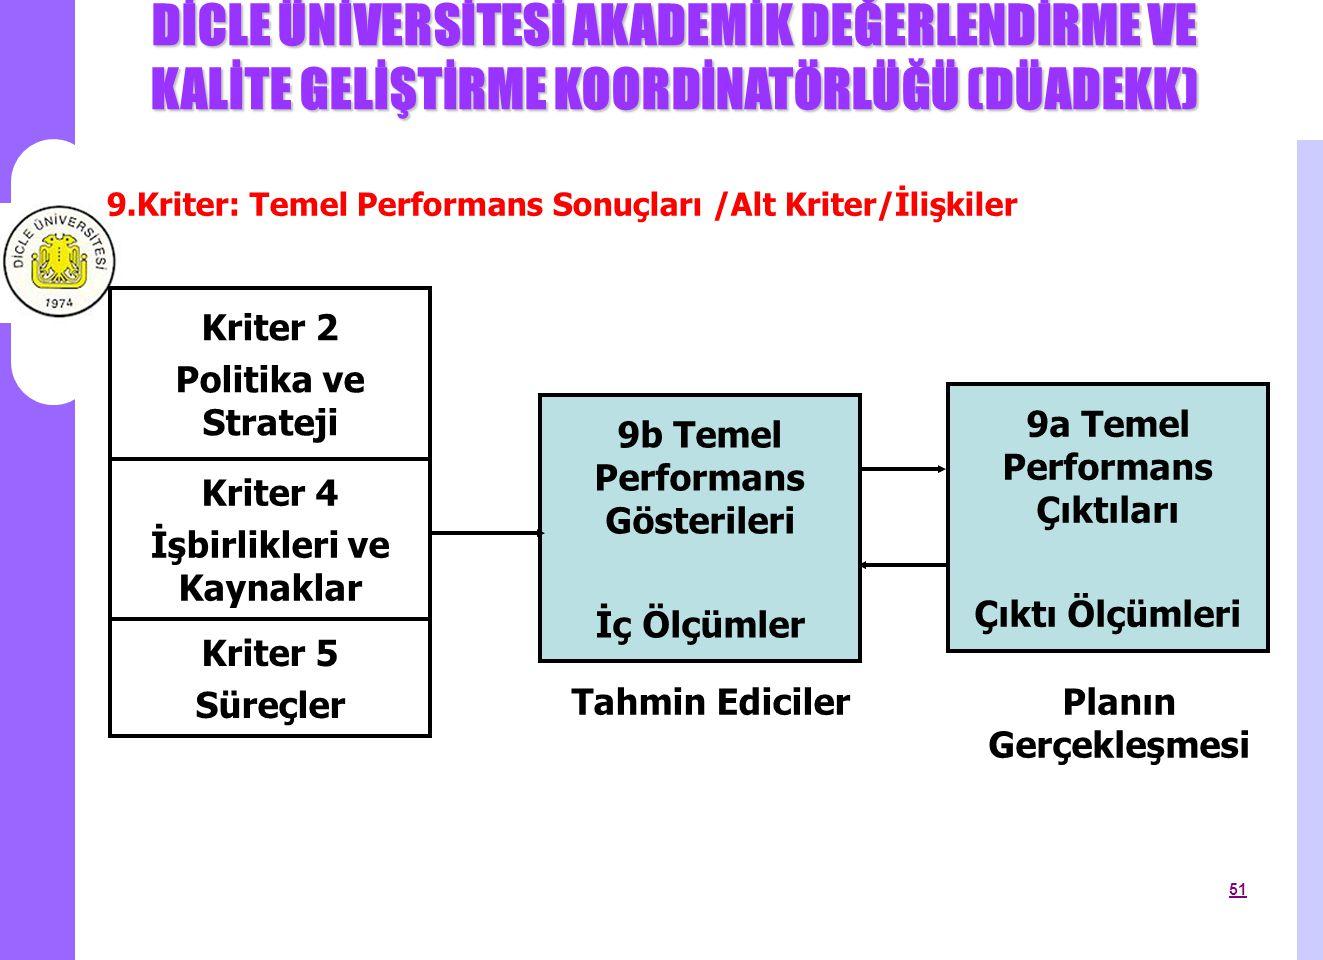 9.Kriter: Temel Performans Sonuçları /Alt Kriter/İlişkiler